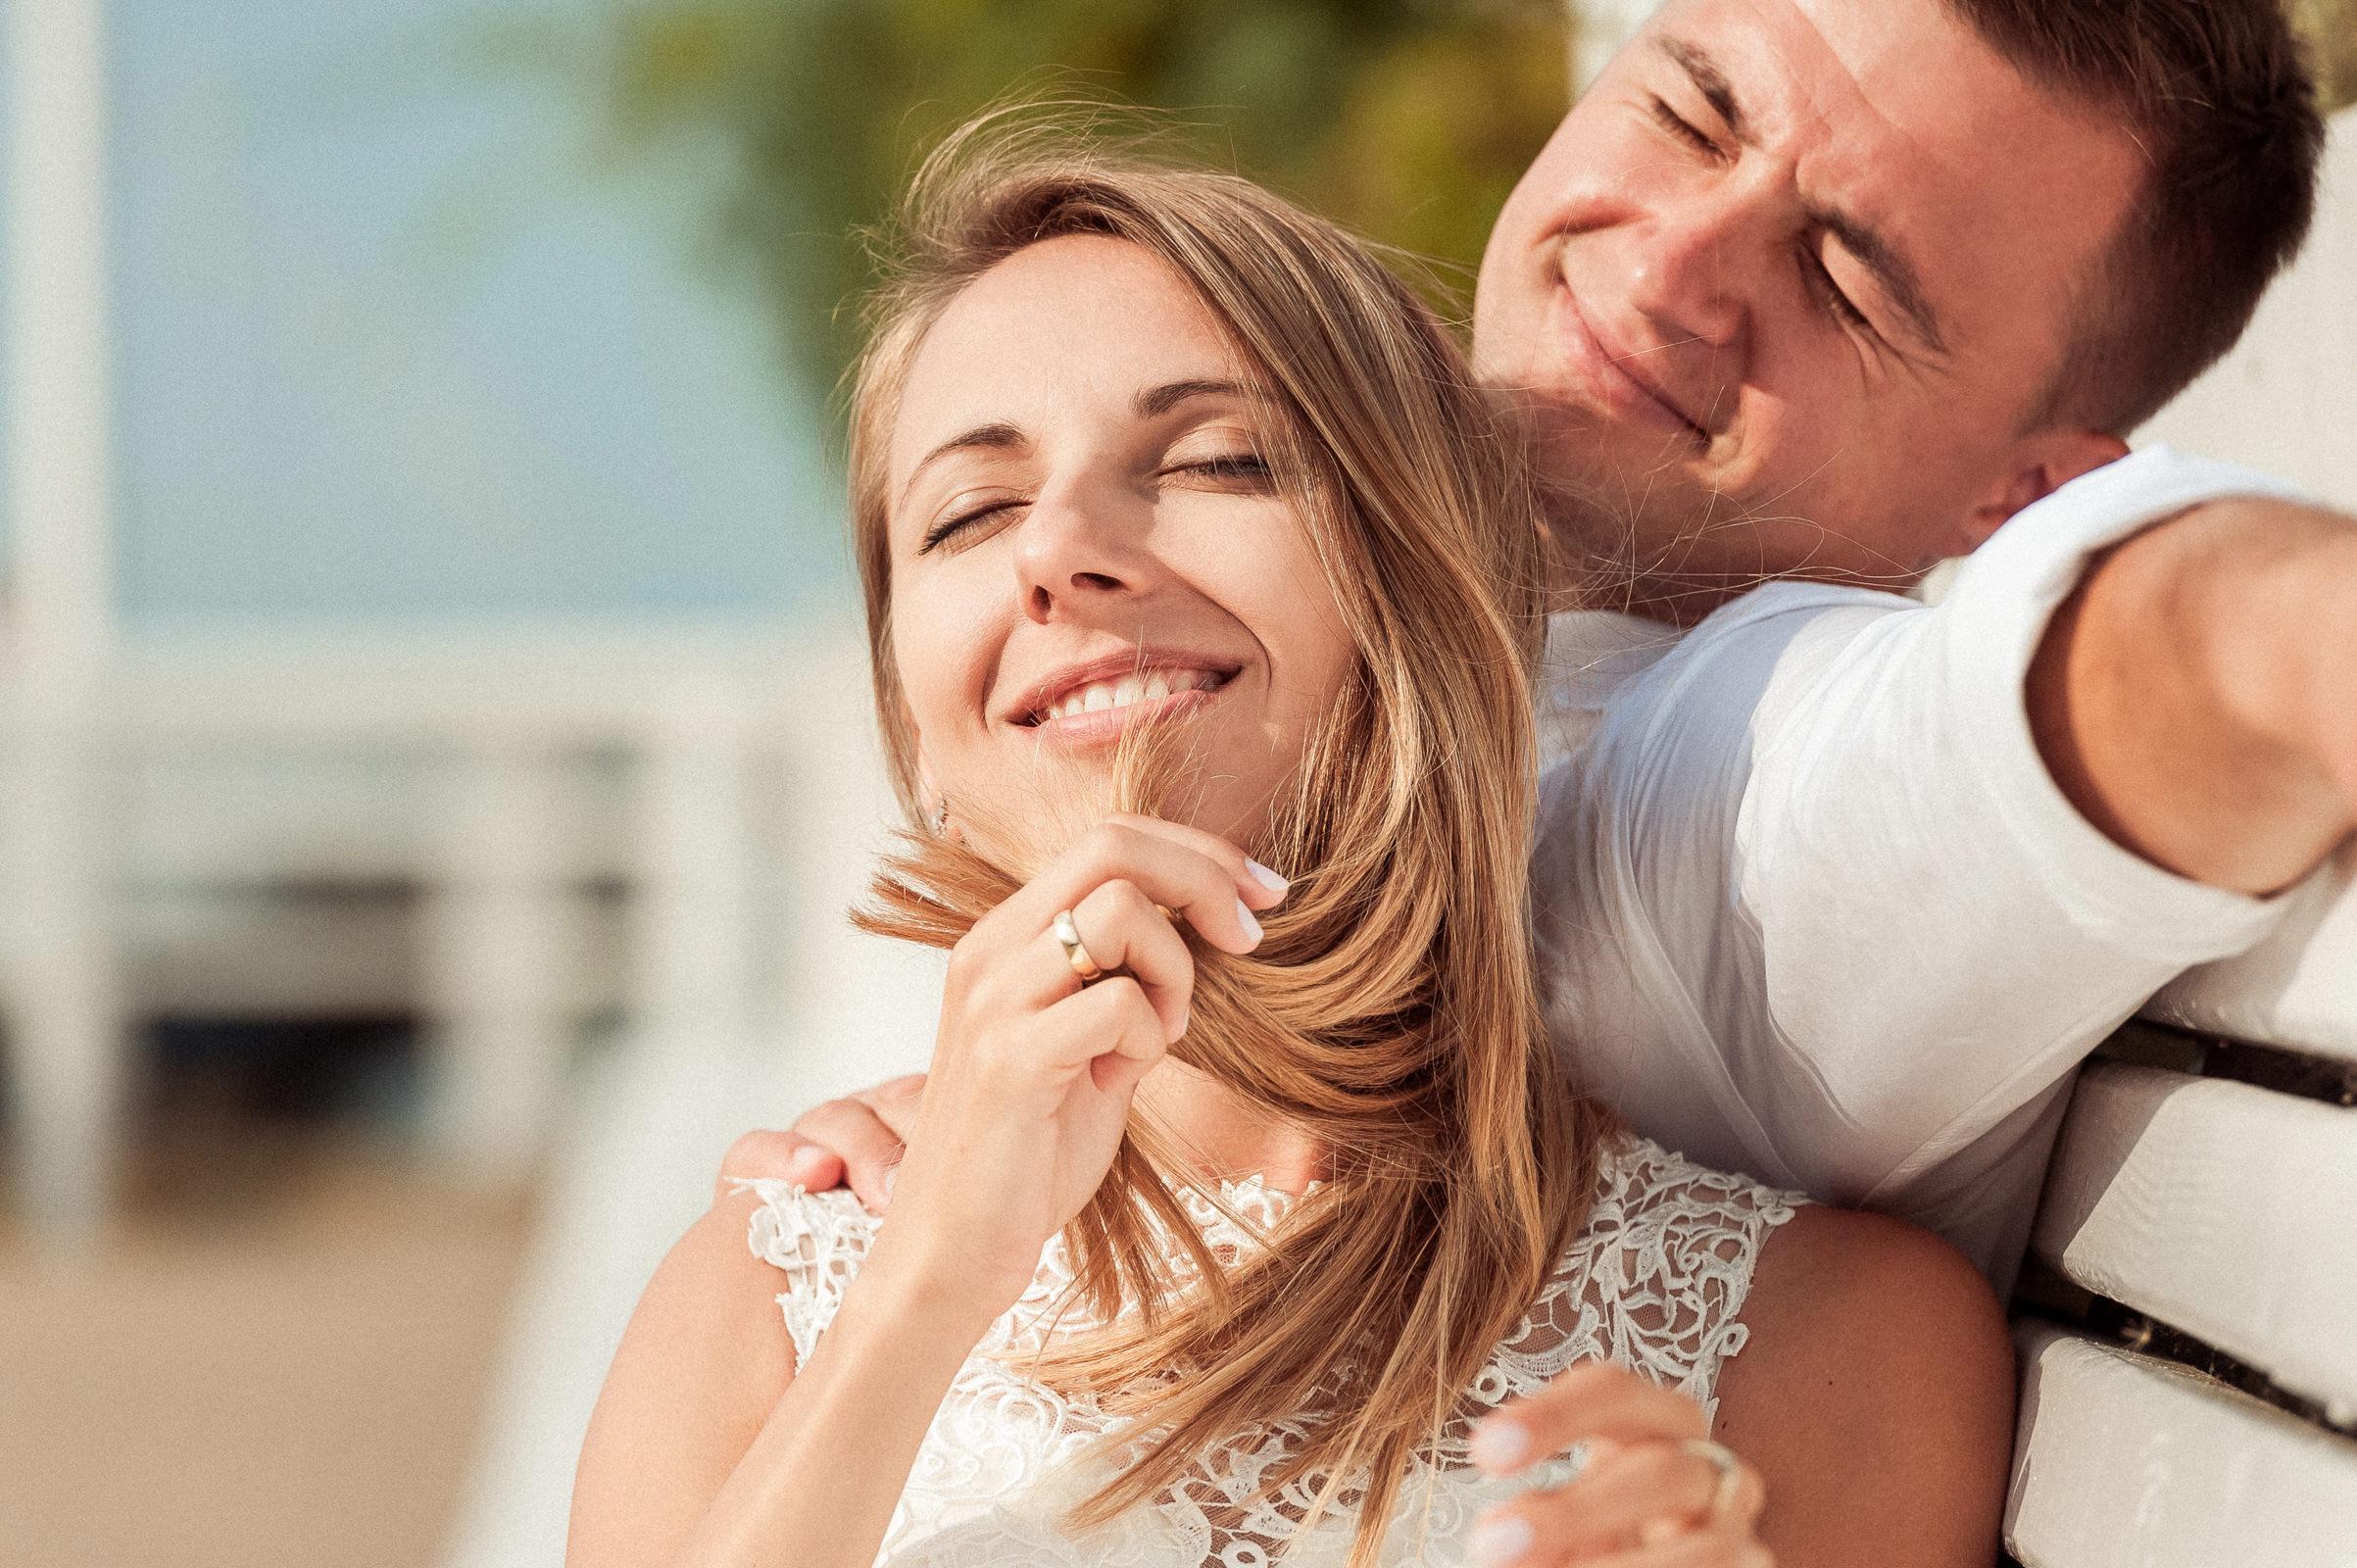 błogie chwile w promieniach letniego słońca na plenerowej sesji ślubnej w Juracie